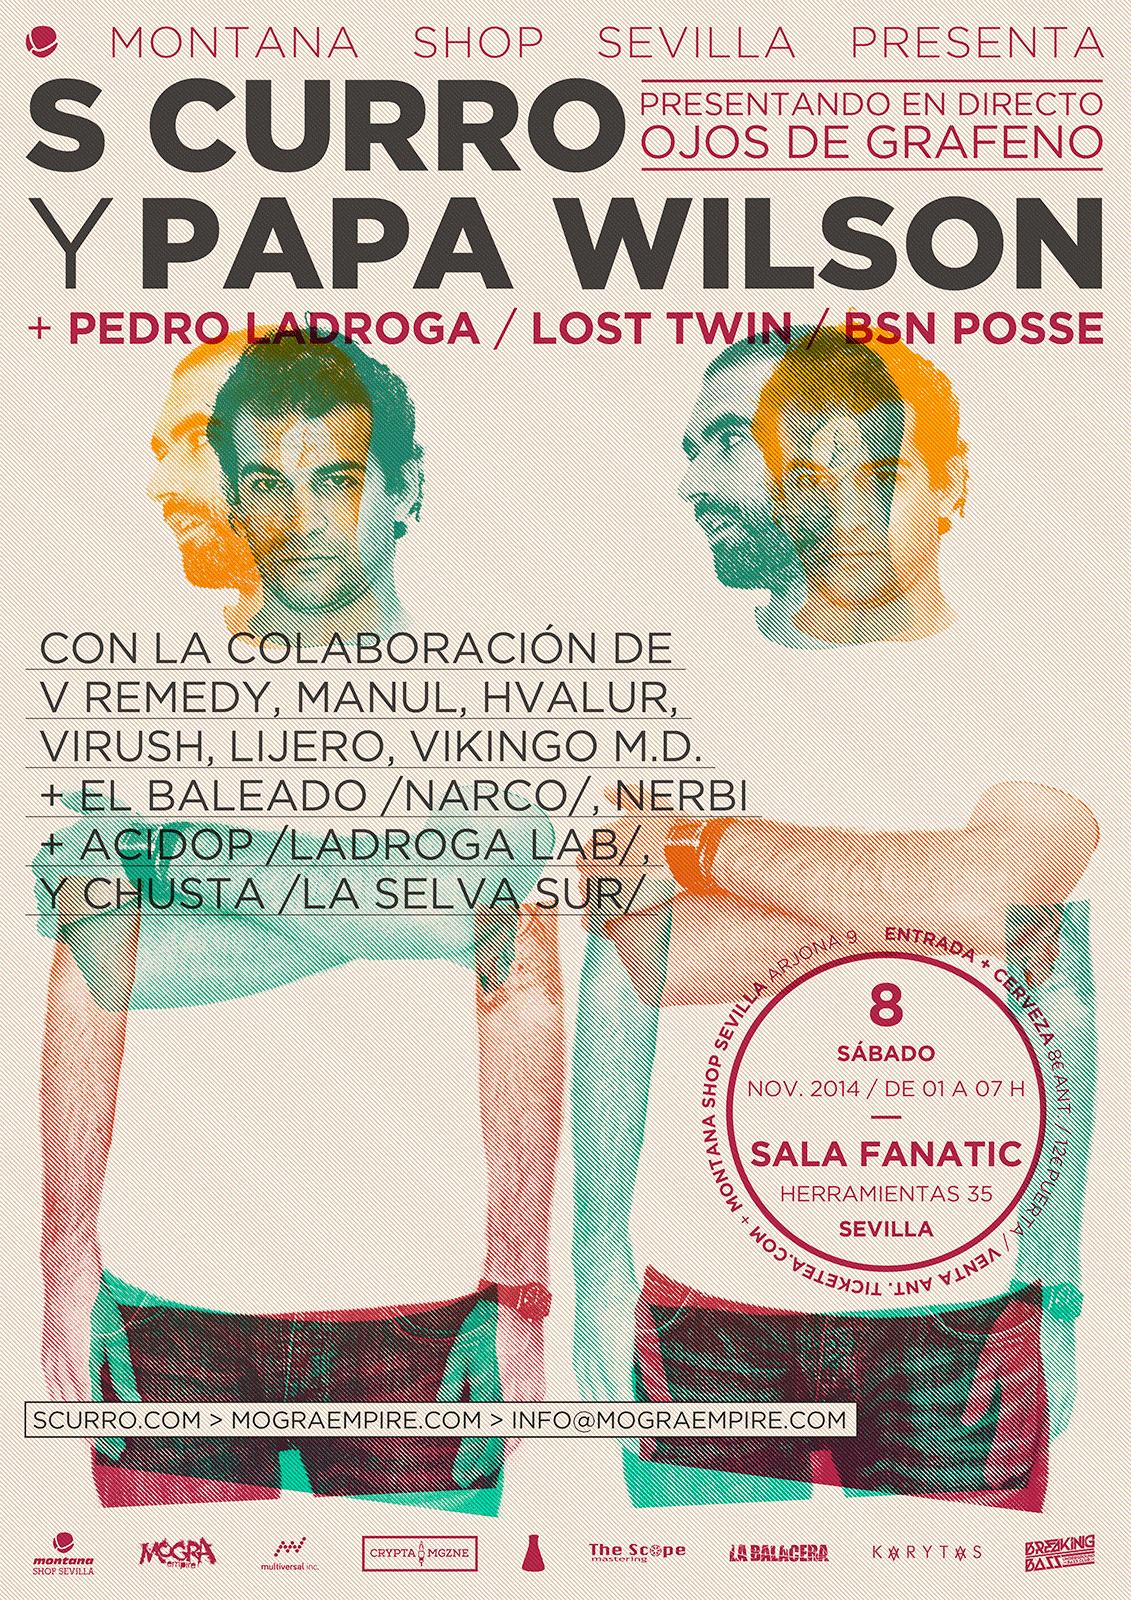 https://www.ticketea.com/s-curro-y-papa-wilson-en-sevilla/